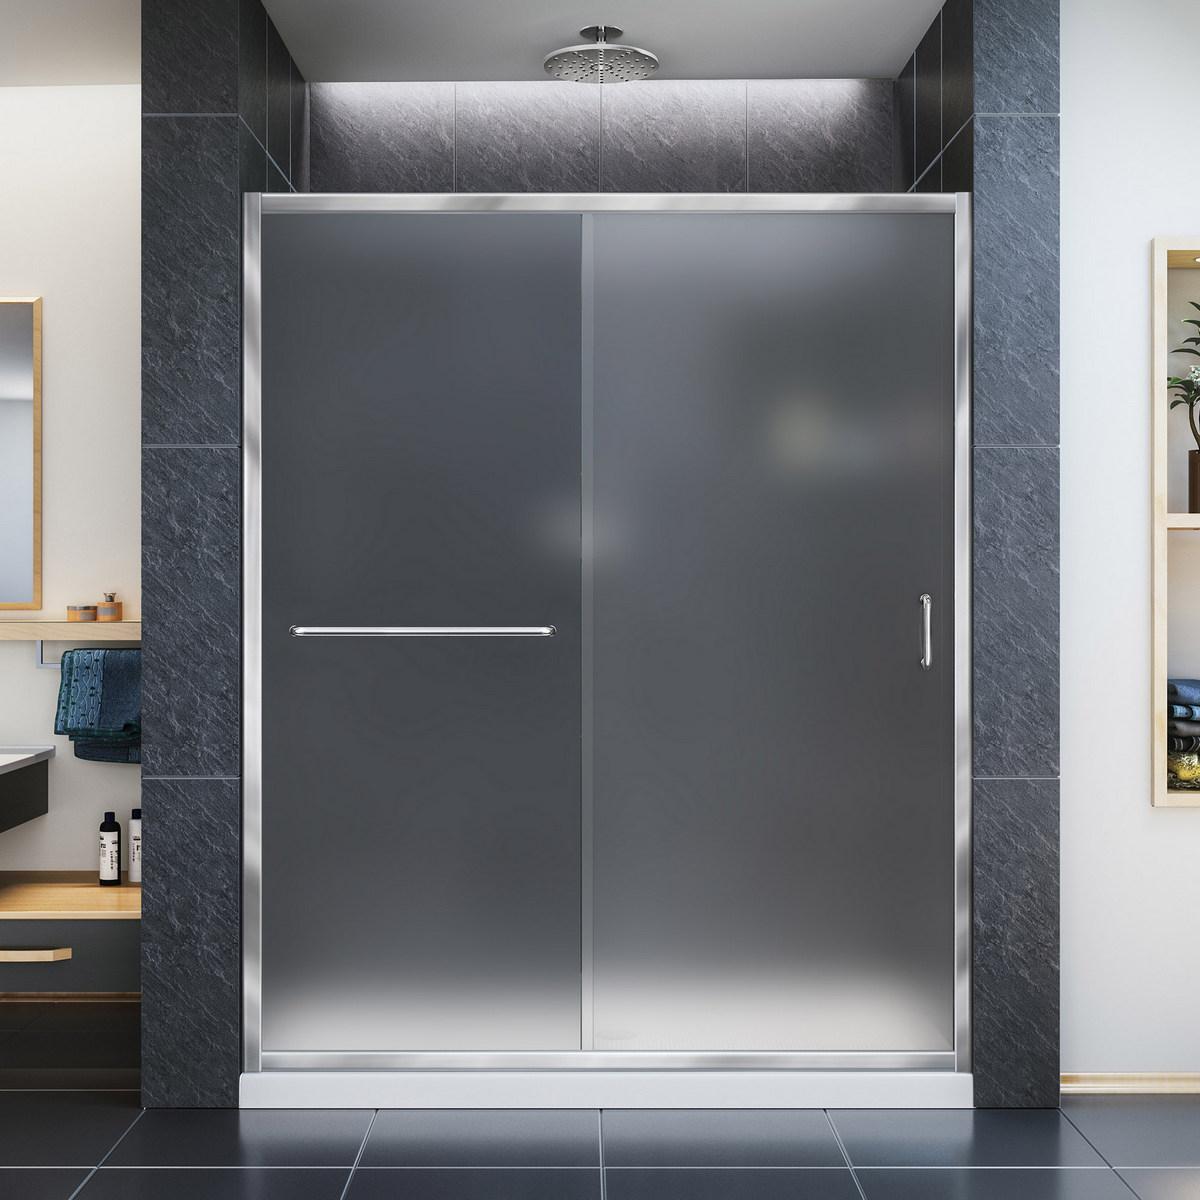 Dreamline Frosted Sliding Shower Door Chrome Left Drain Black Base